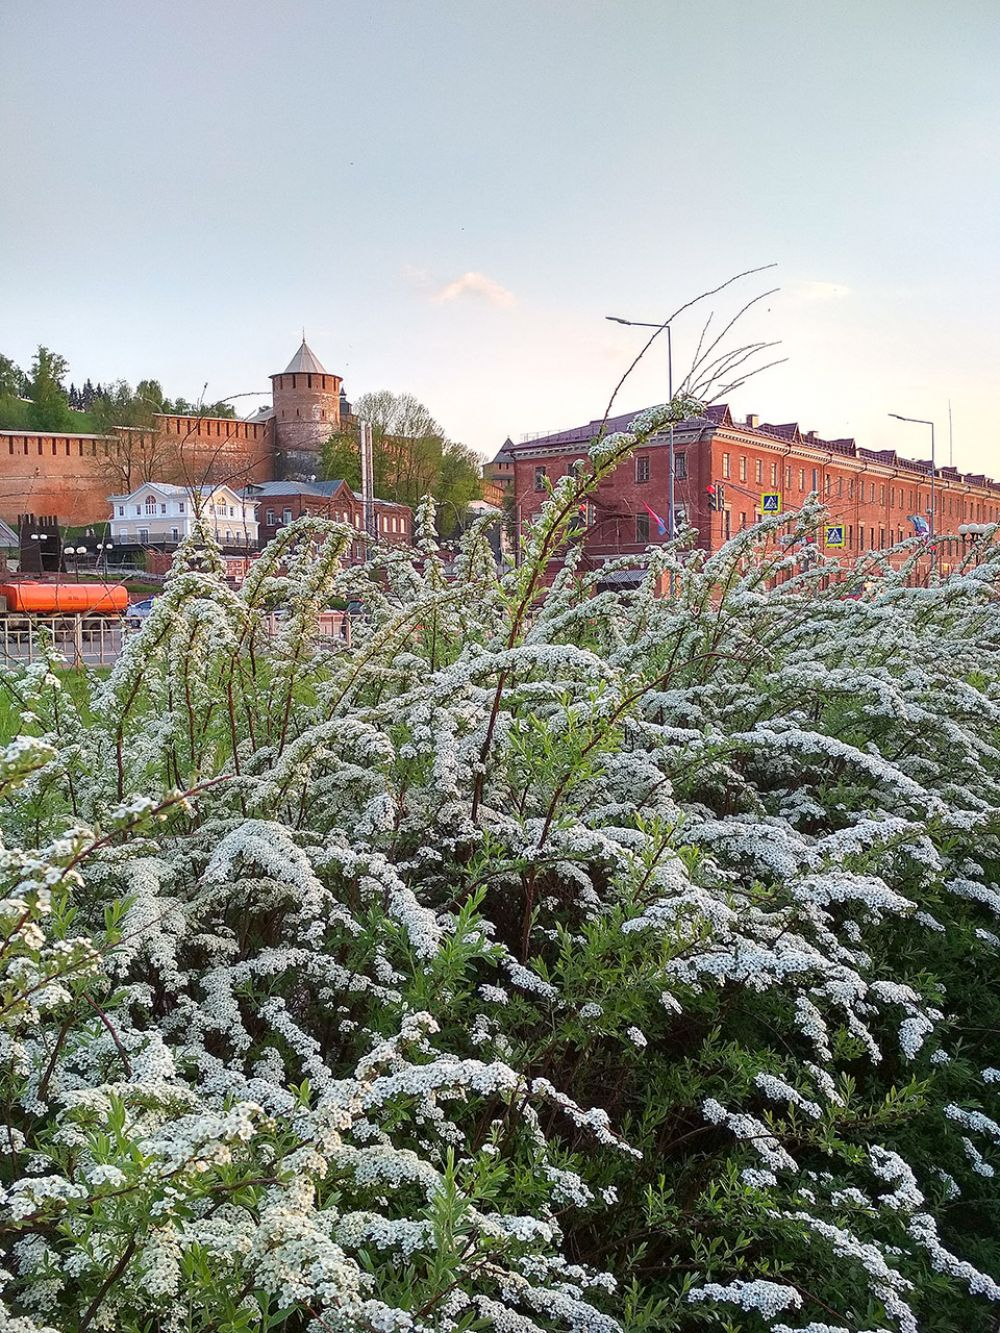 Спирея своими белыми цветами радует гуляющих по Нижневолжской набережной.